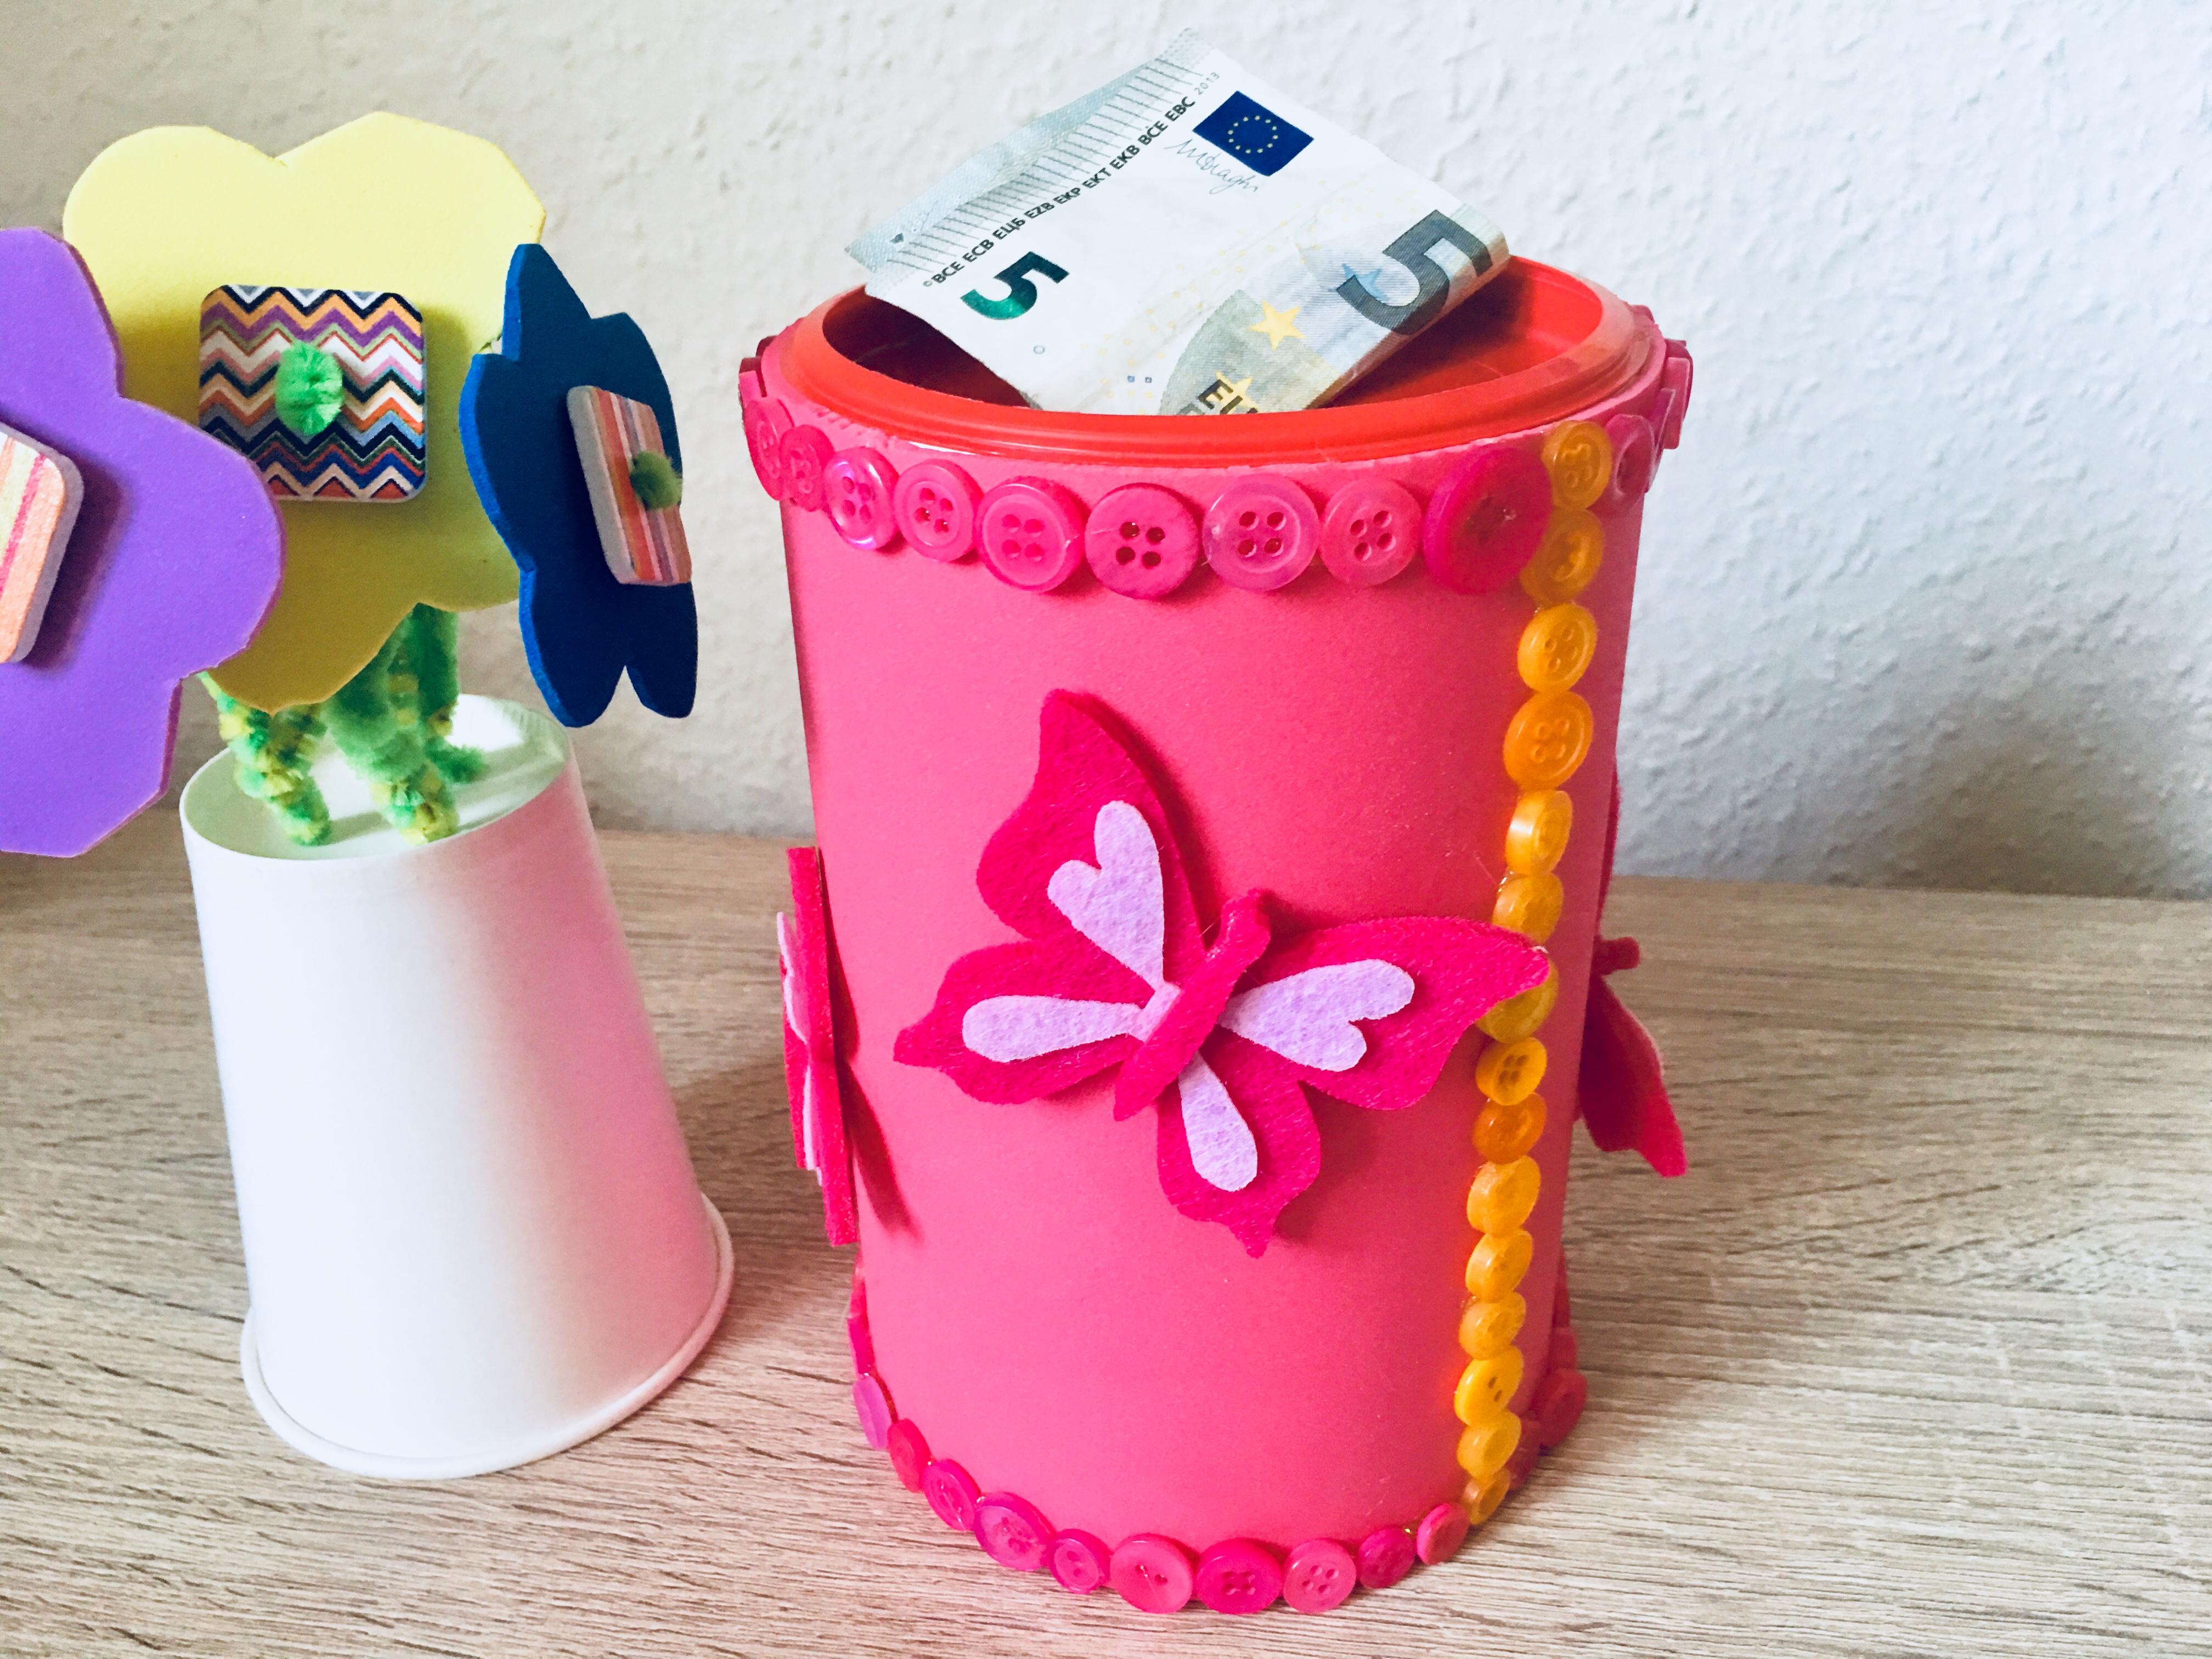 Super Spardose Basteln - Upcycling   Der Familienblog für kreative Eltern JD91